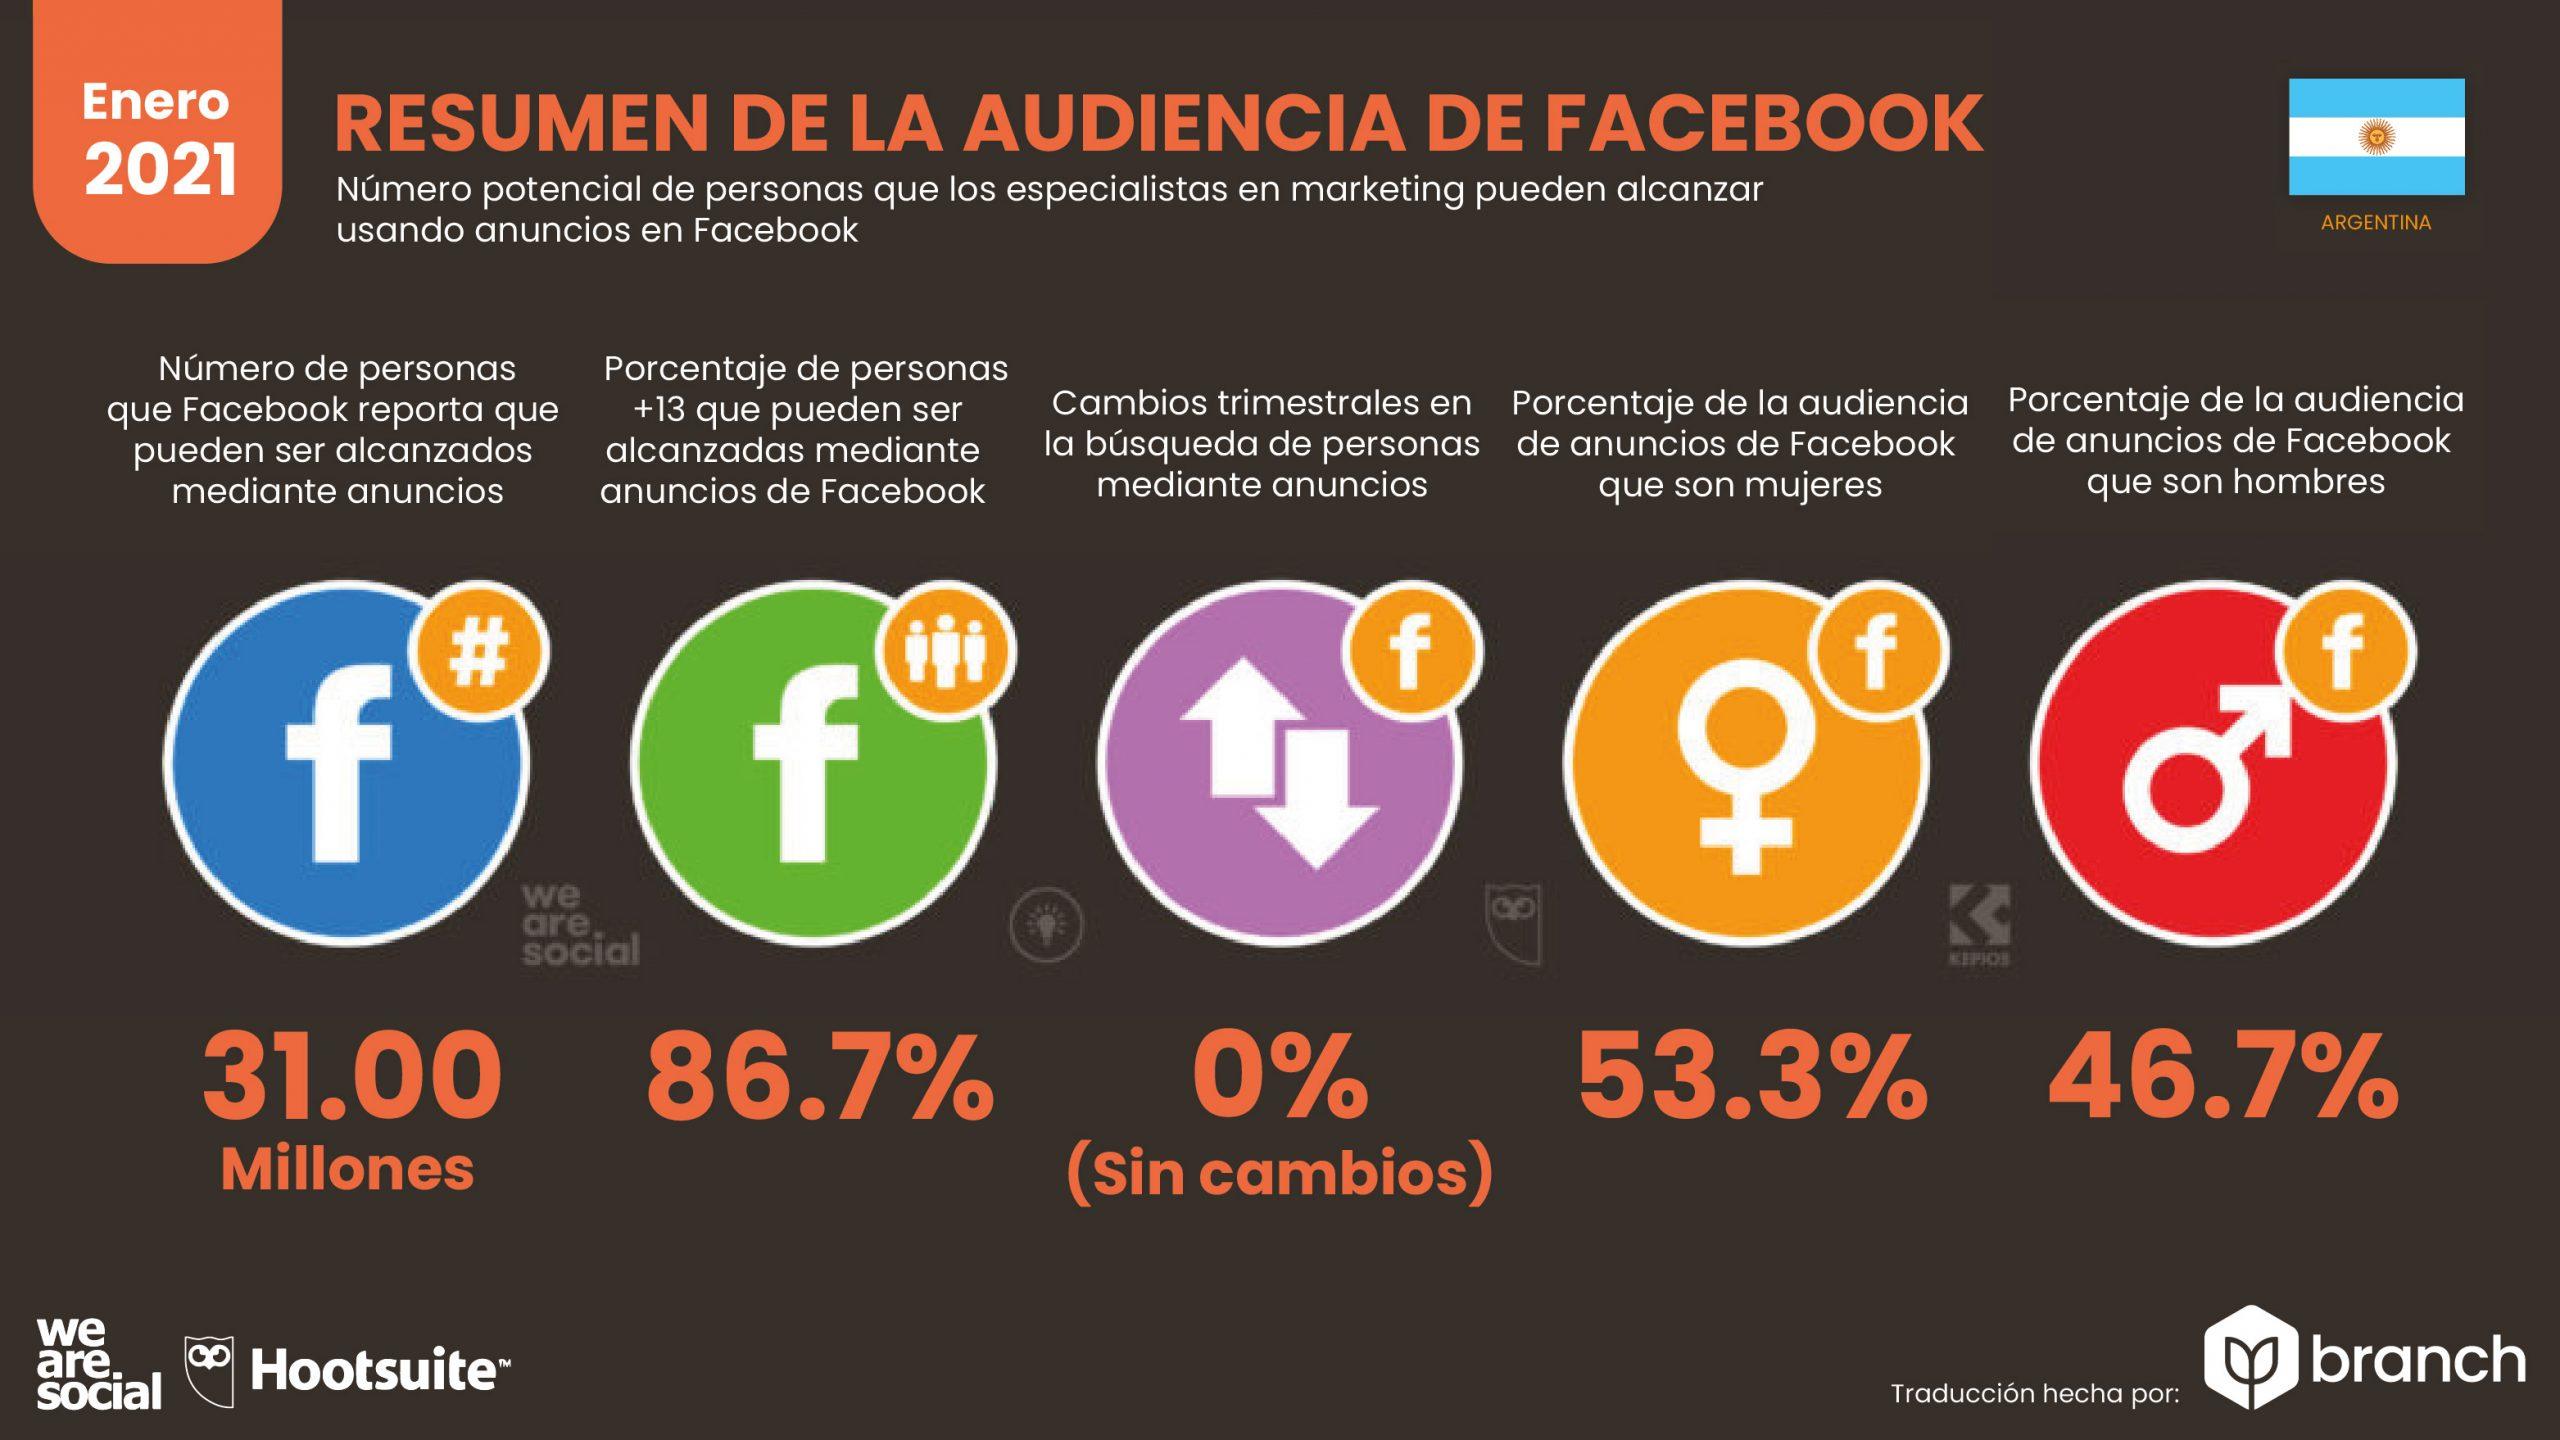 grafico-audiencia-de-facebook-en-argentina-2020-2021